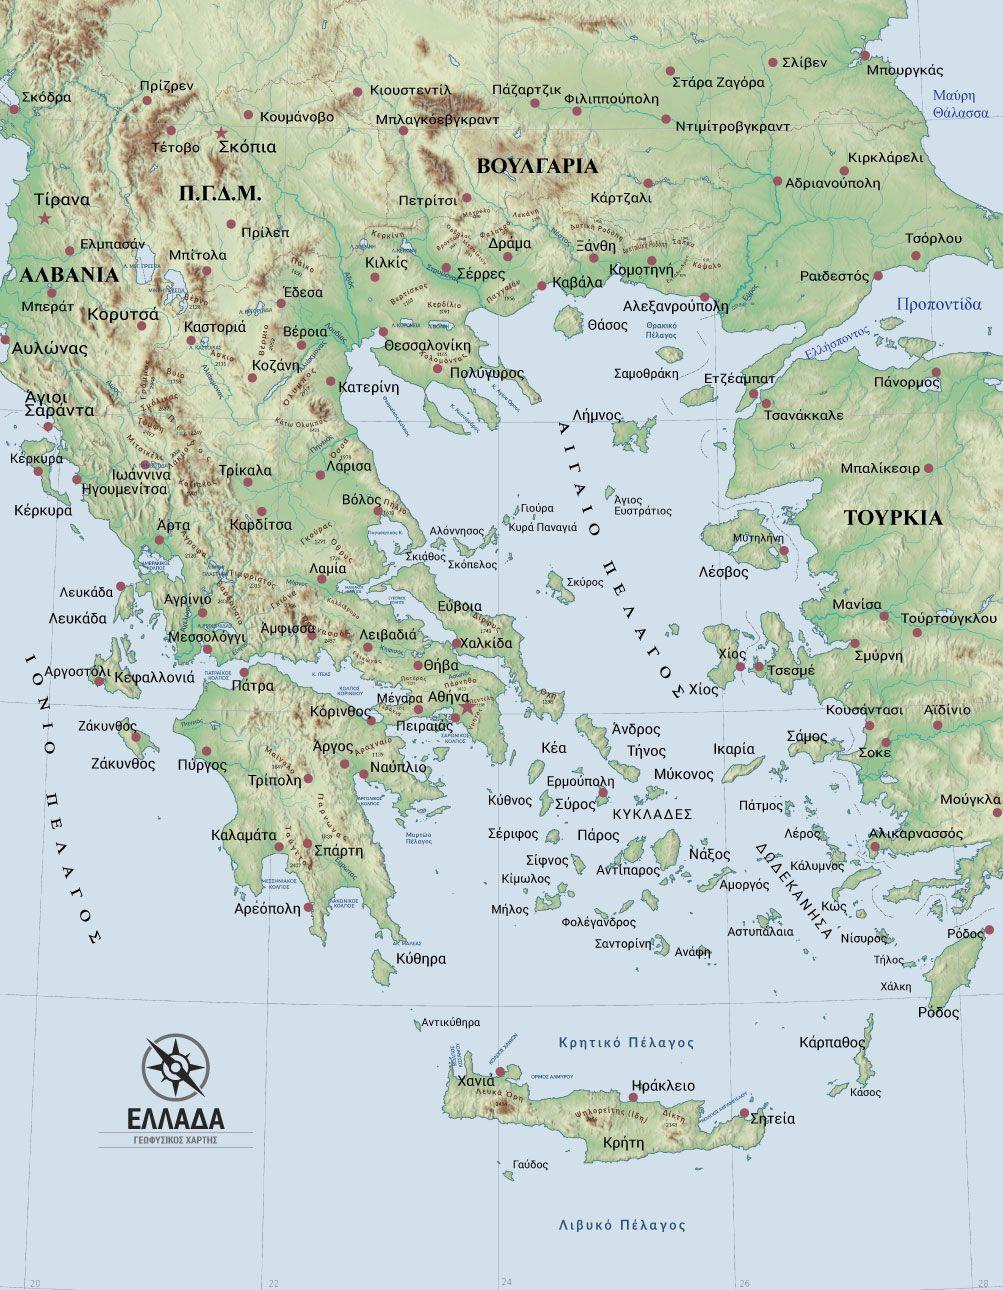 Xarths Elladas Gewfysikos Geo 217 Map World Map World